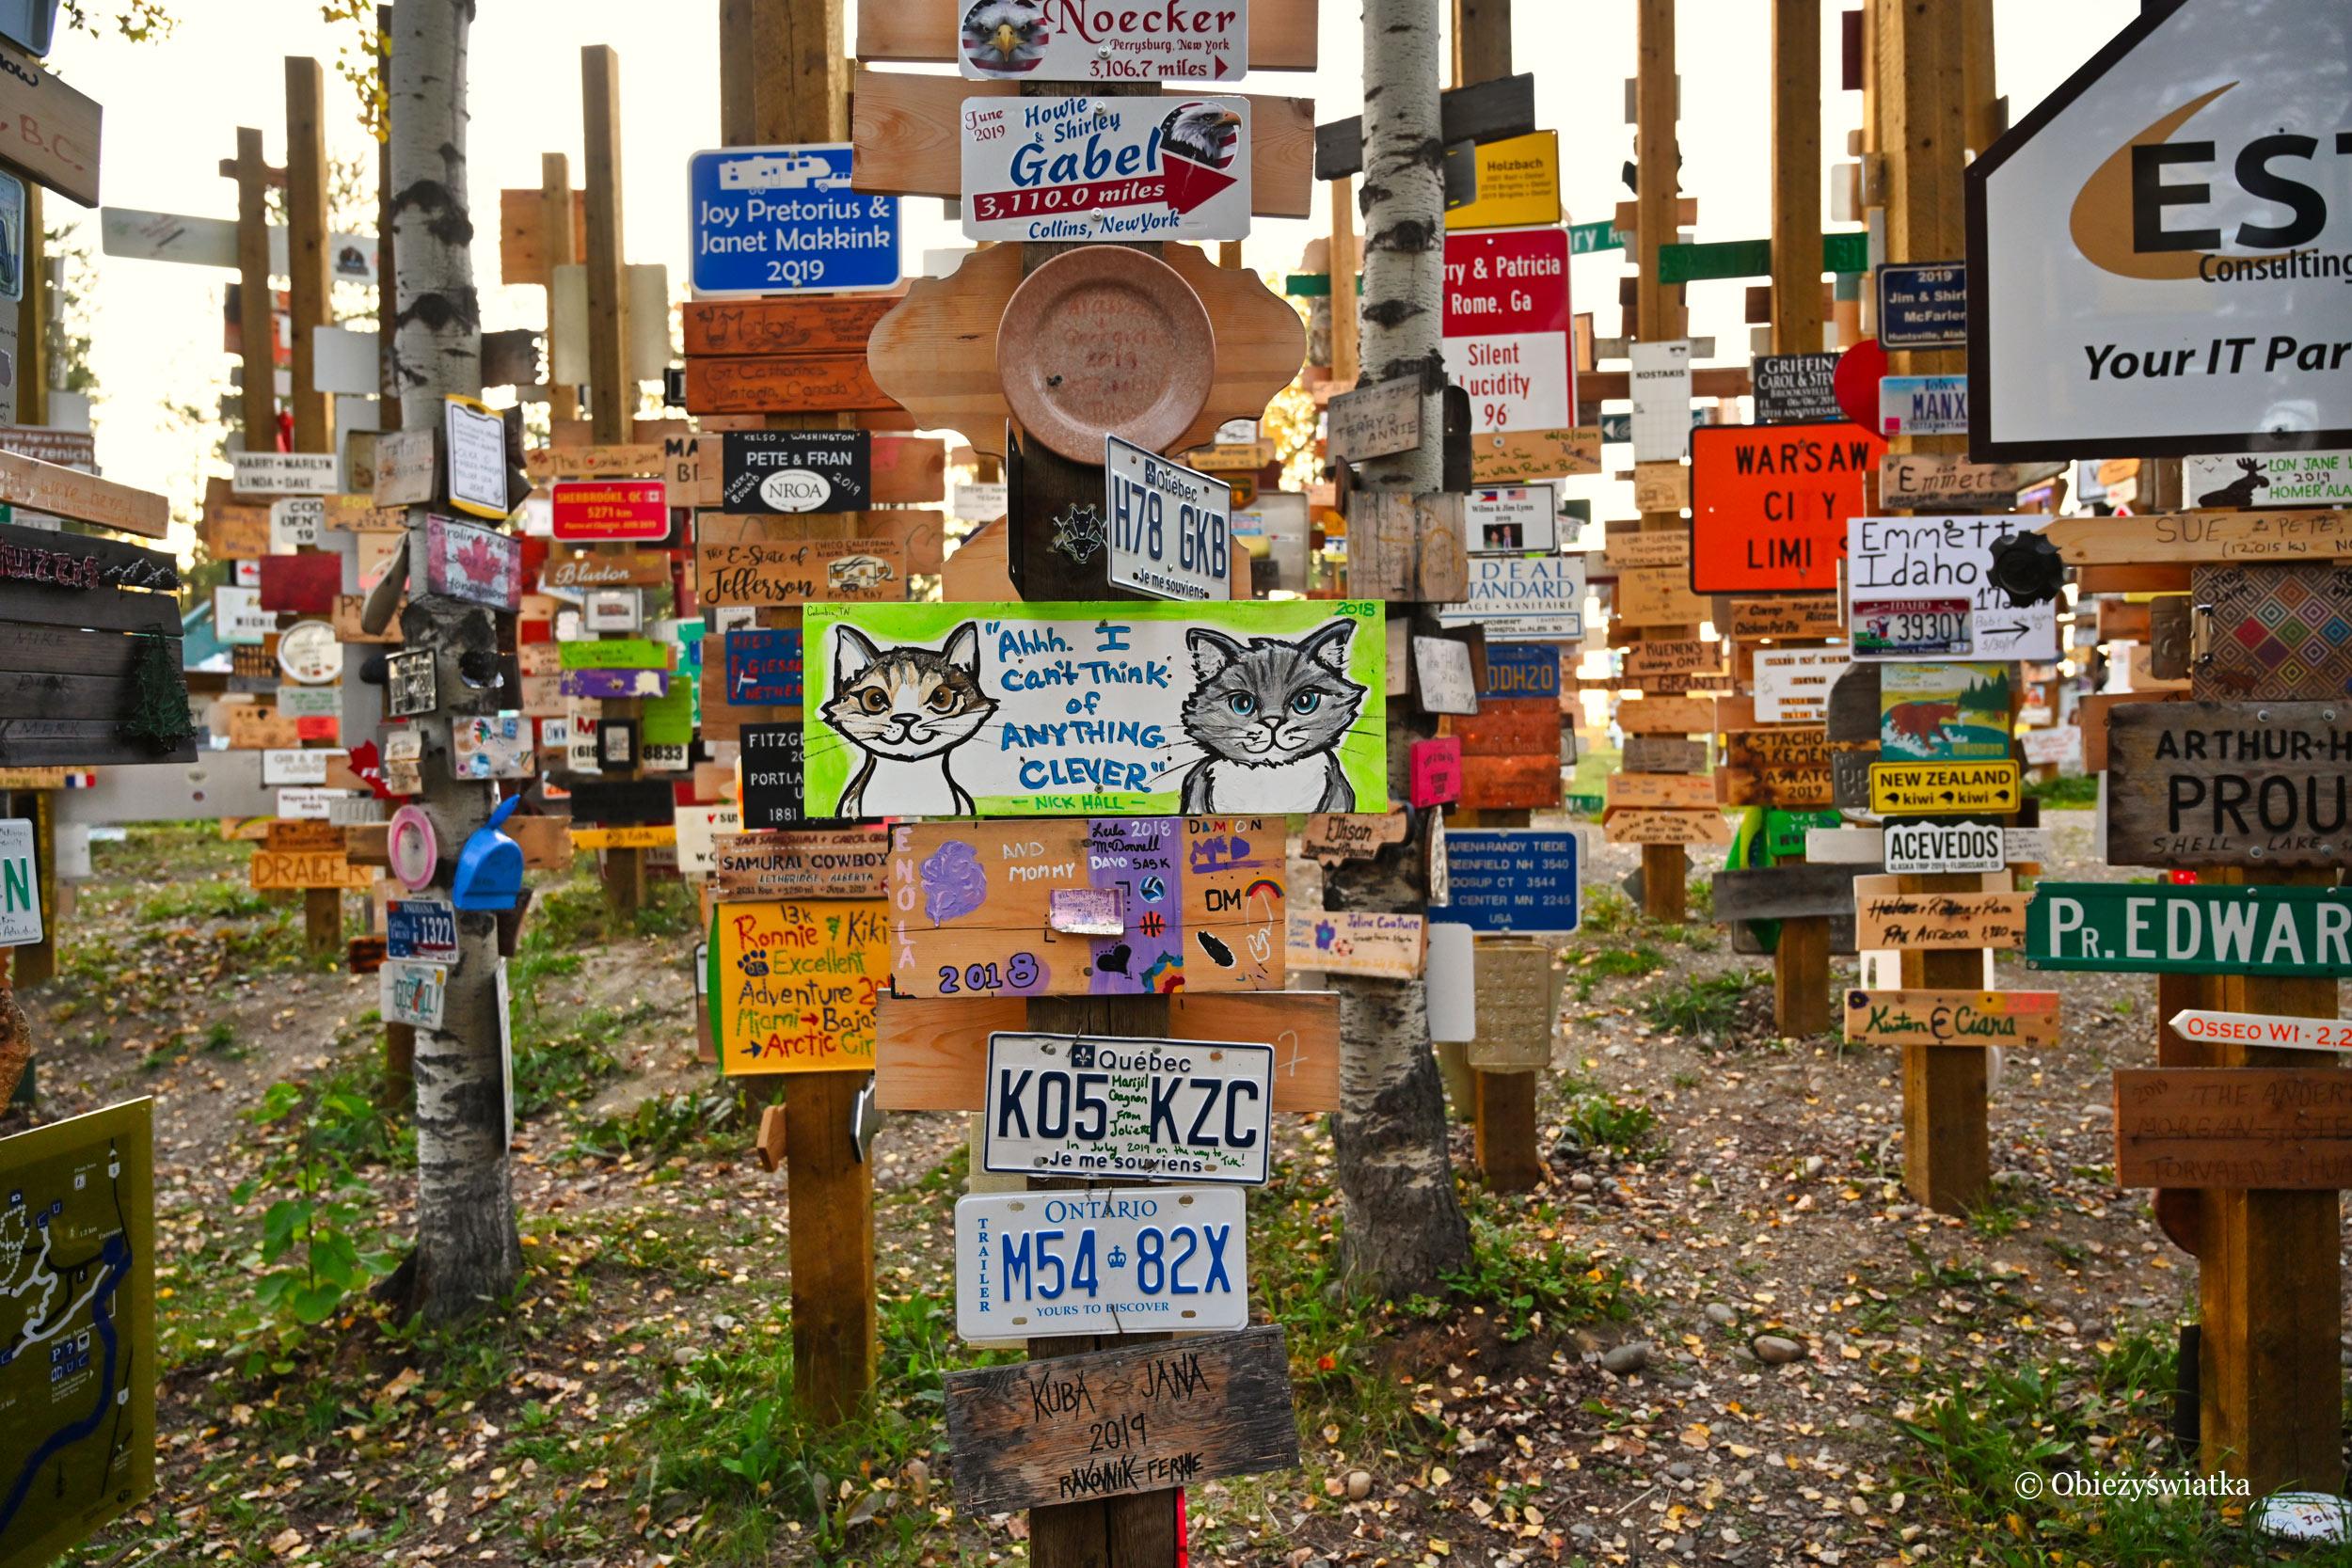 Tysiące szyldów, tysiące pomysłów - Las Drogowskazów, Watson Lake